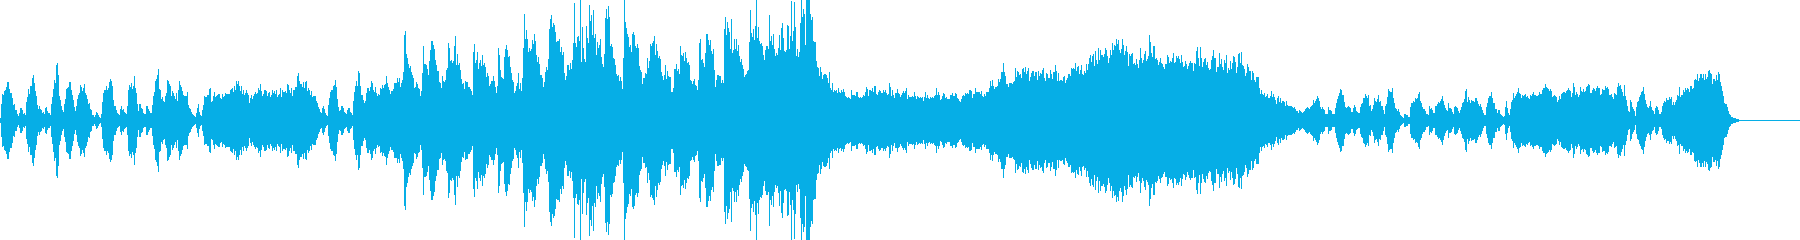 王・城・宮殿・ファンタジー映像BGMの再生済みの波形